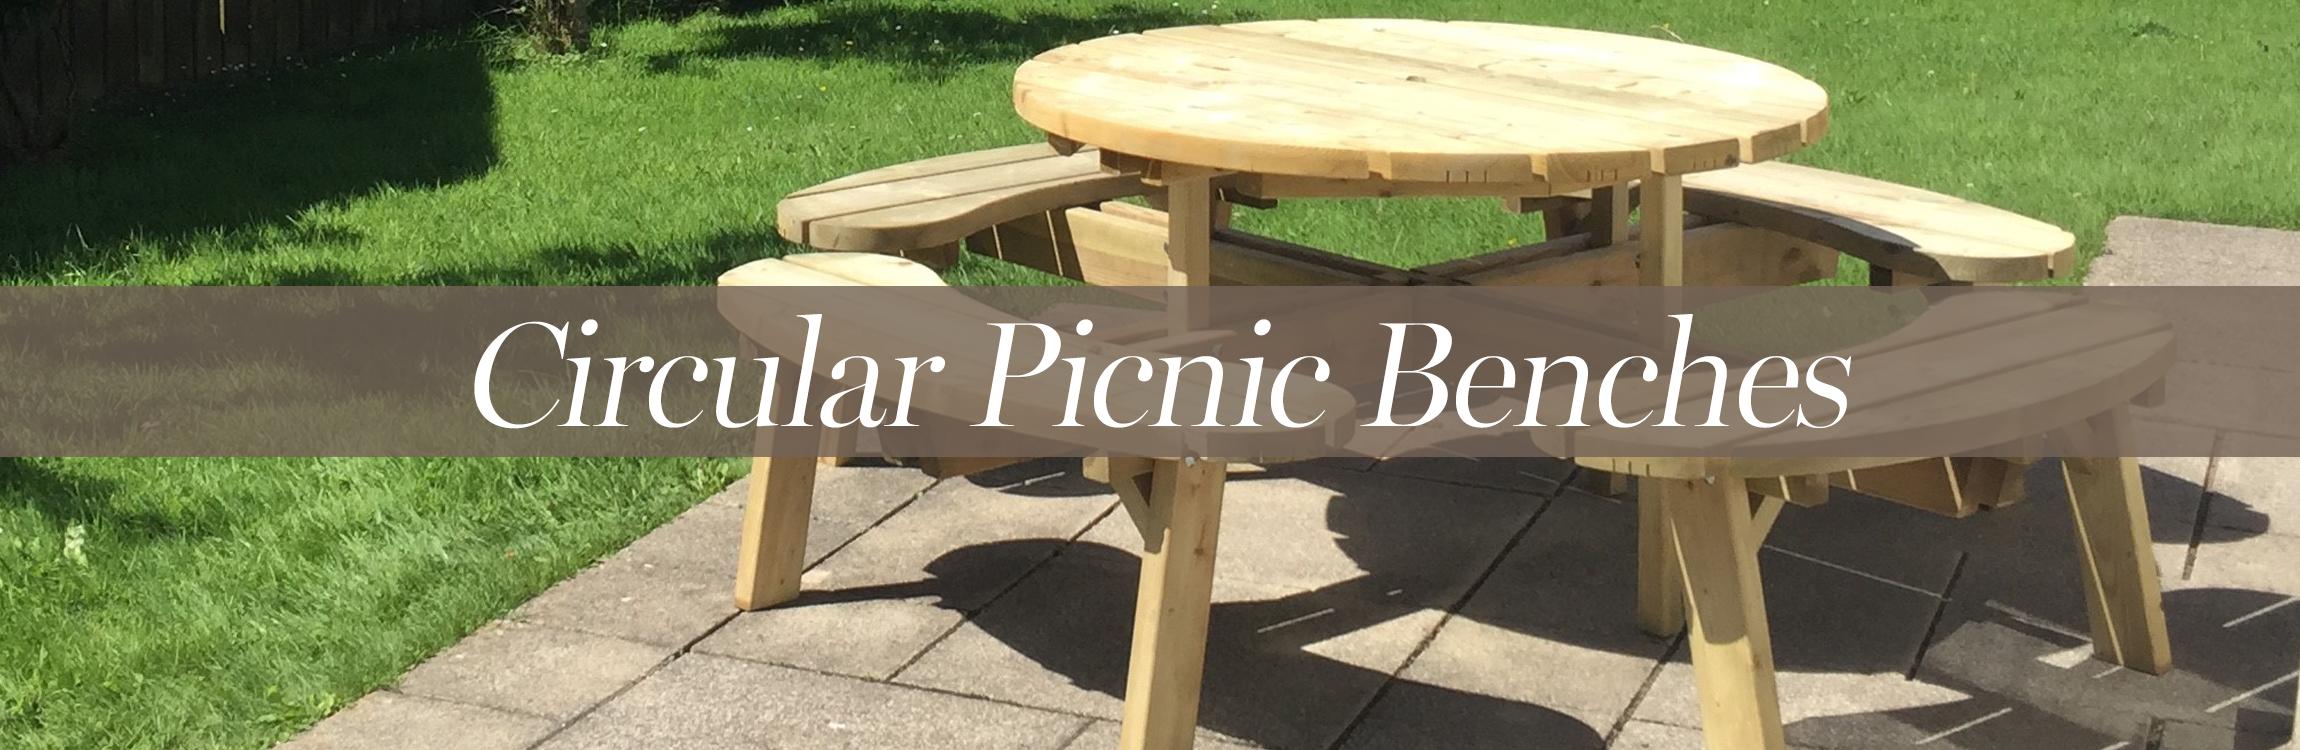 Circular Picnic Benches